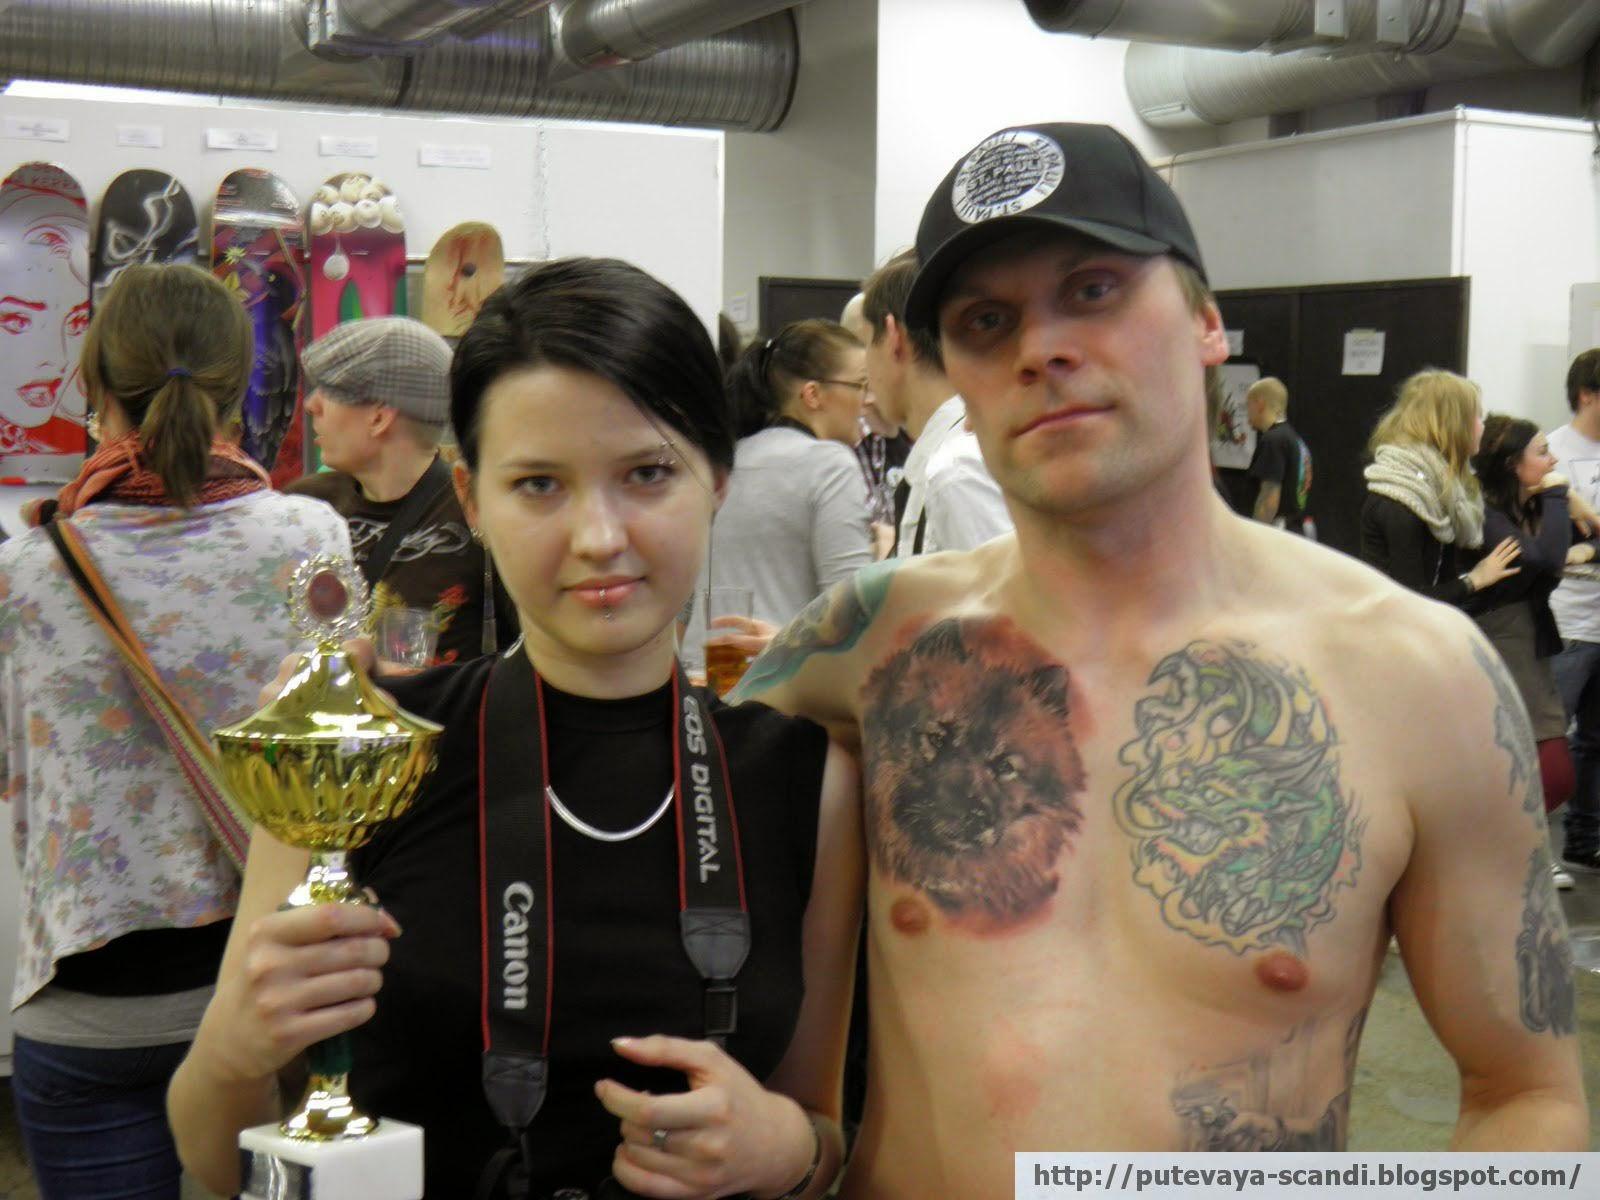 my tattoo-friends